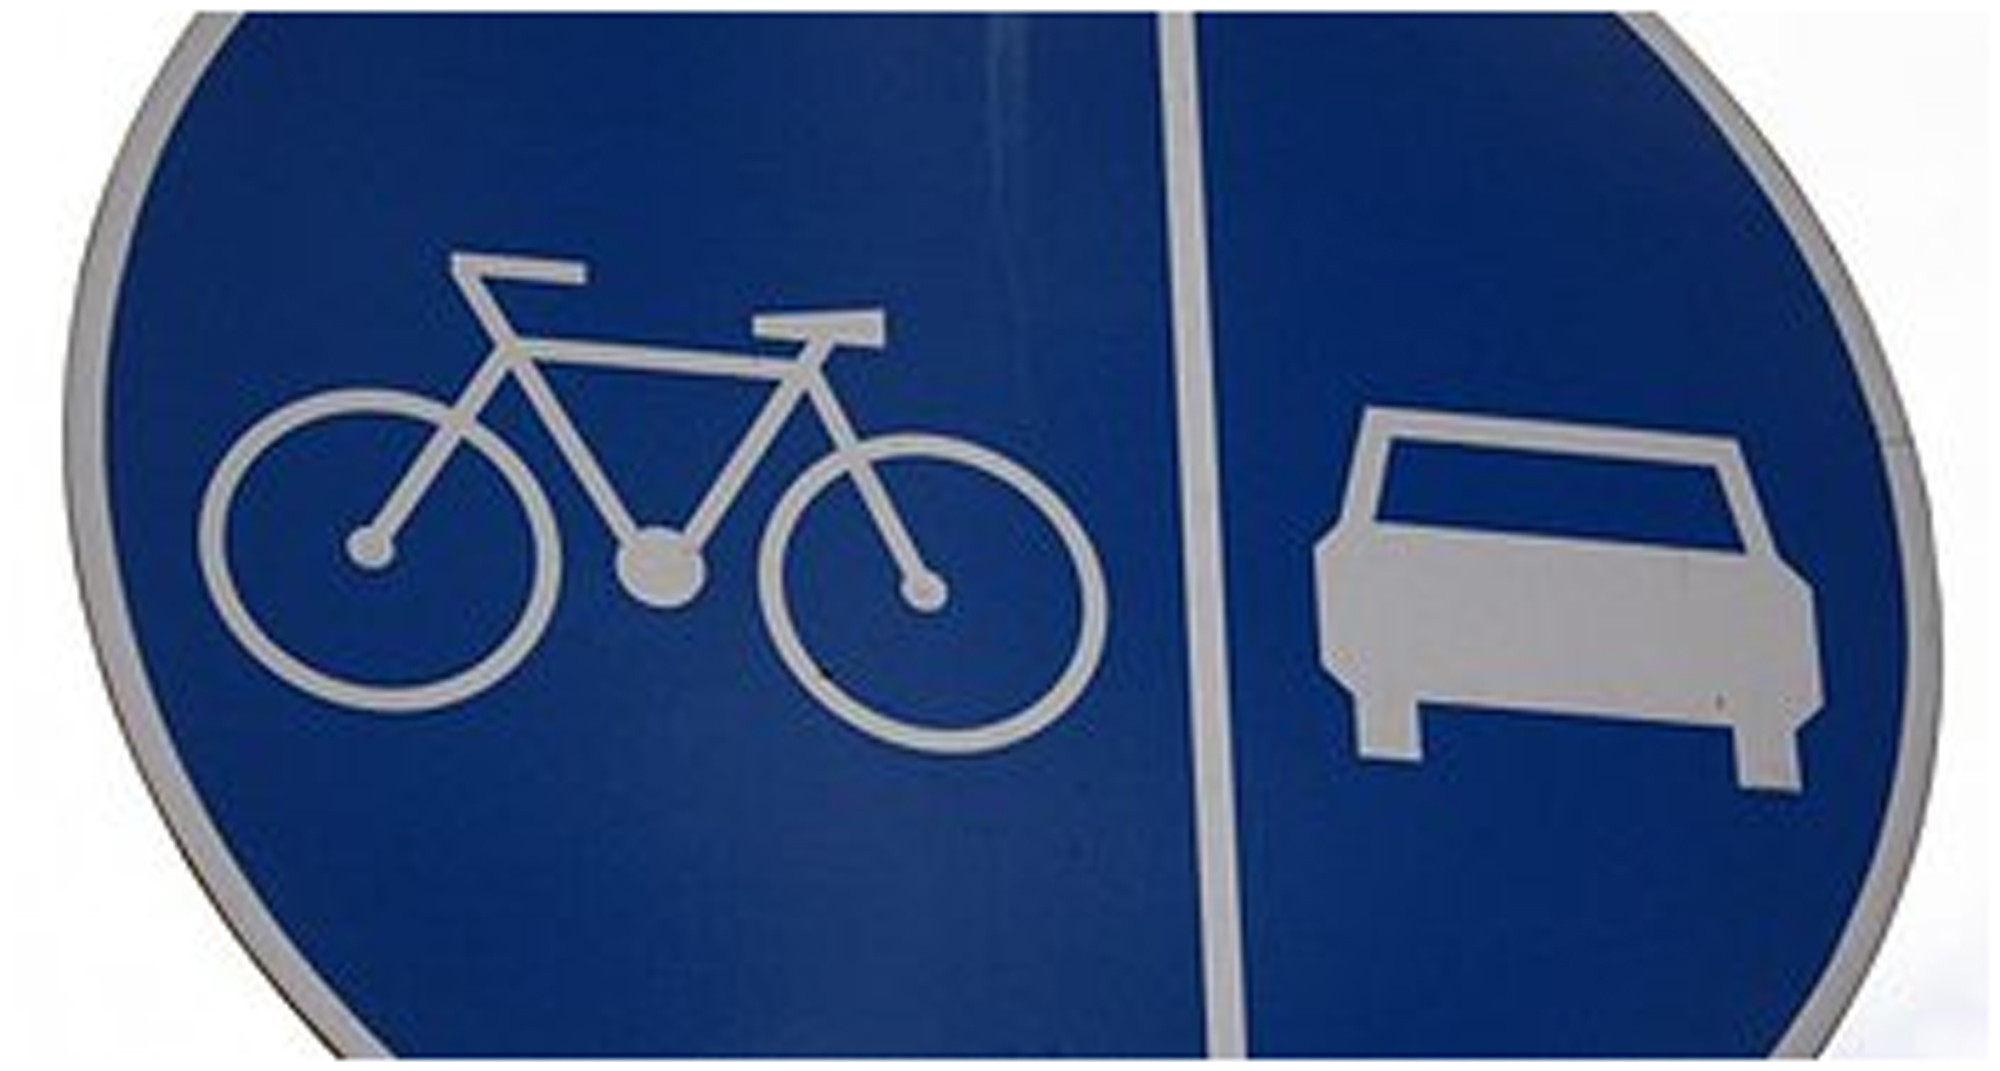 As ciclovias deveriam ser vistas como um padrão urbano